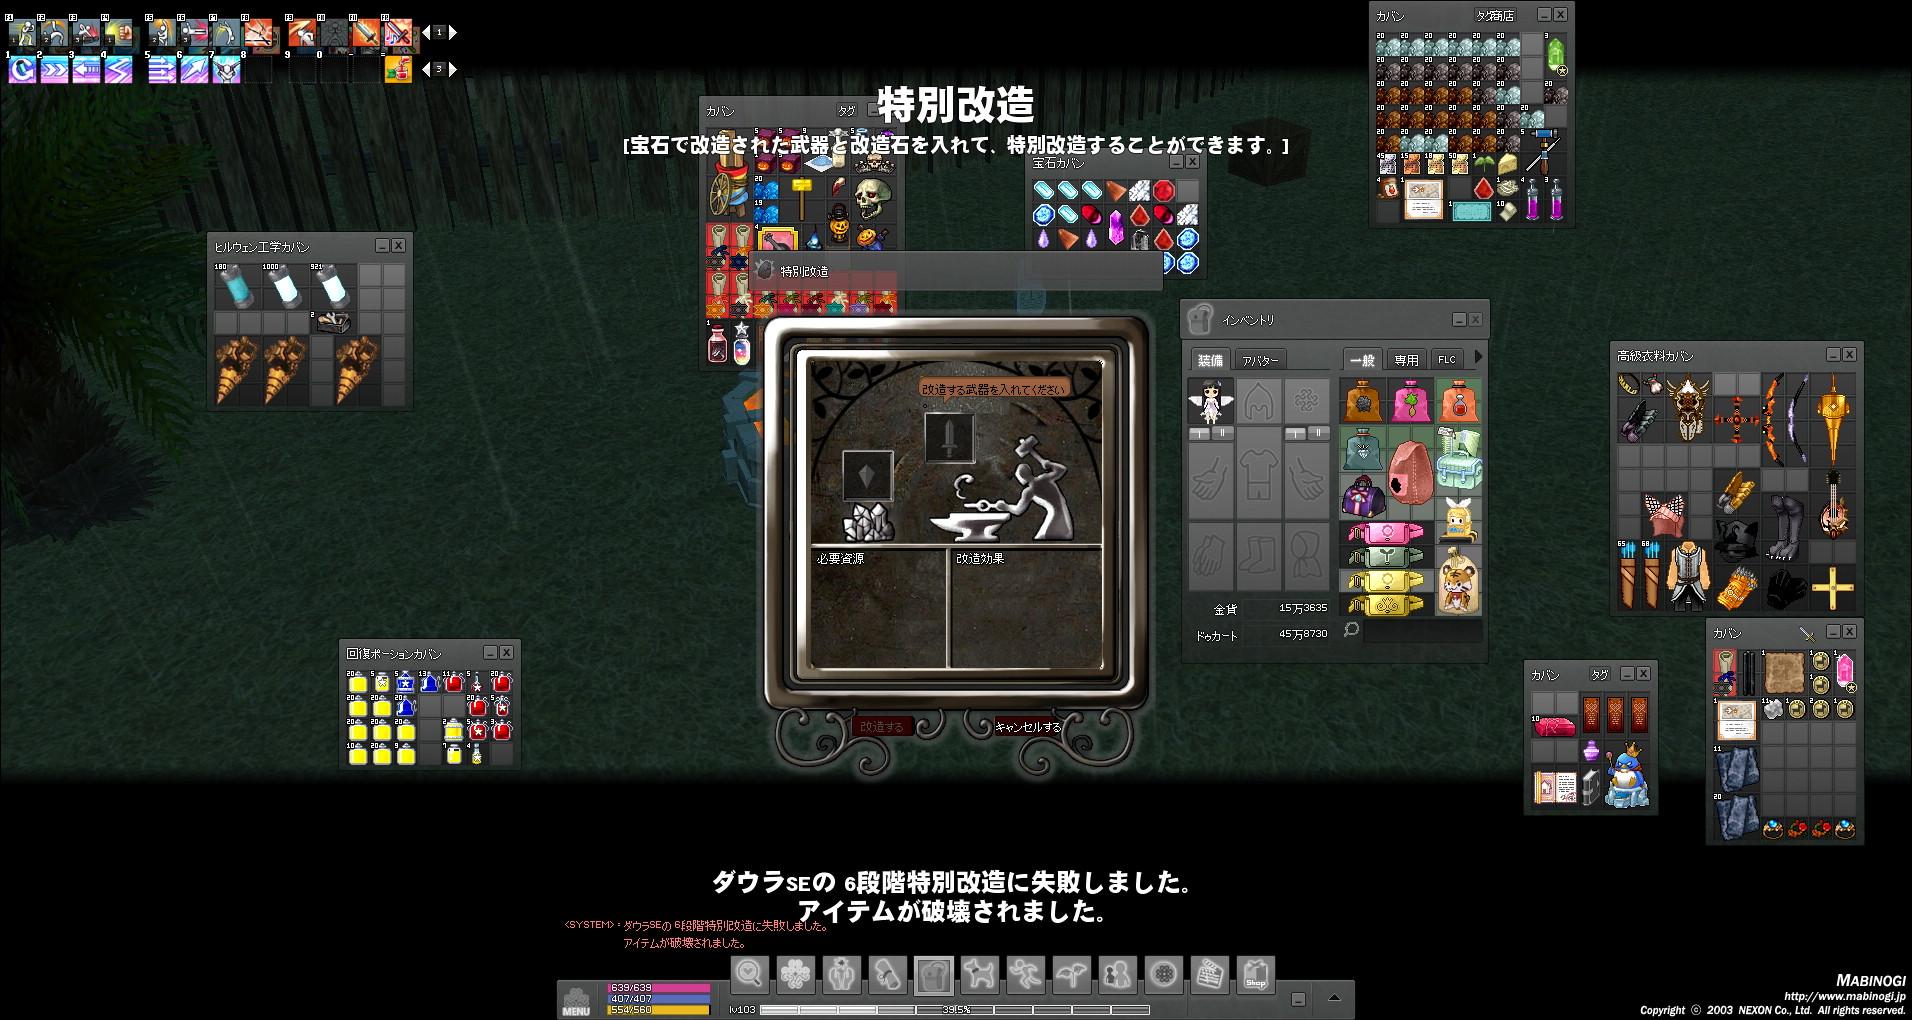 mabinogi_2014_01_09_002.jpg